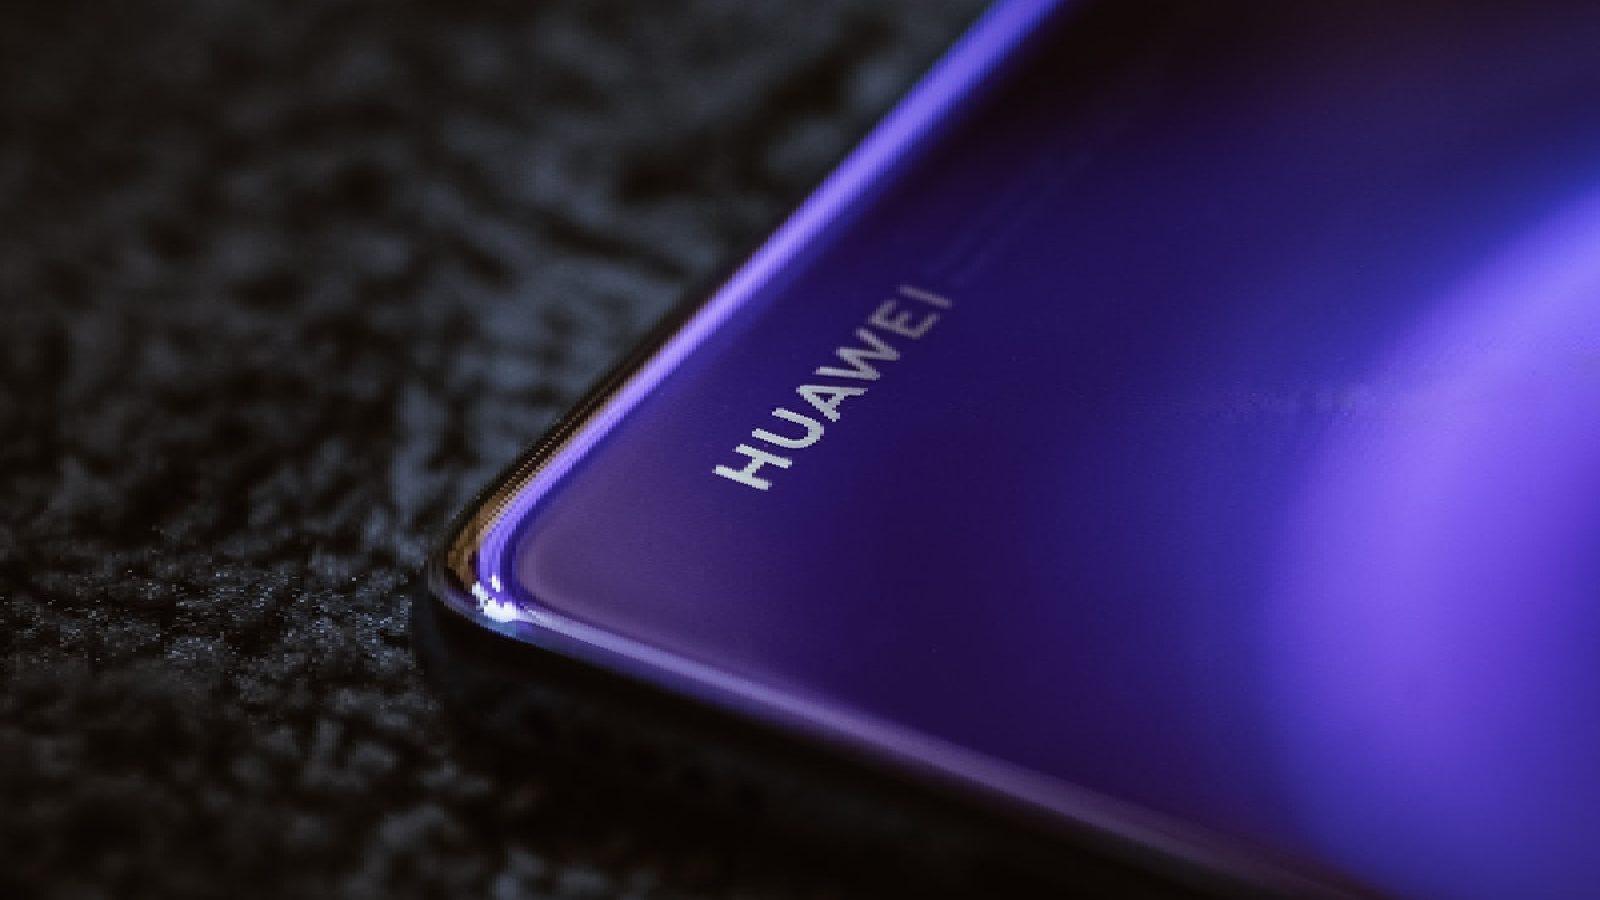 Huawei 20e Smartphone